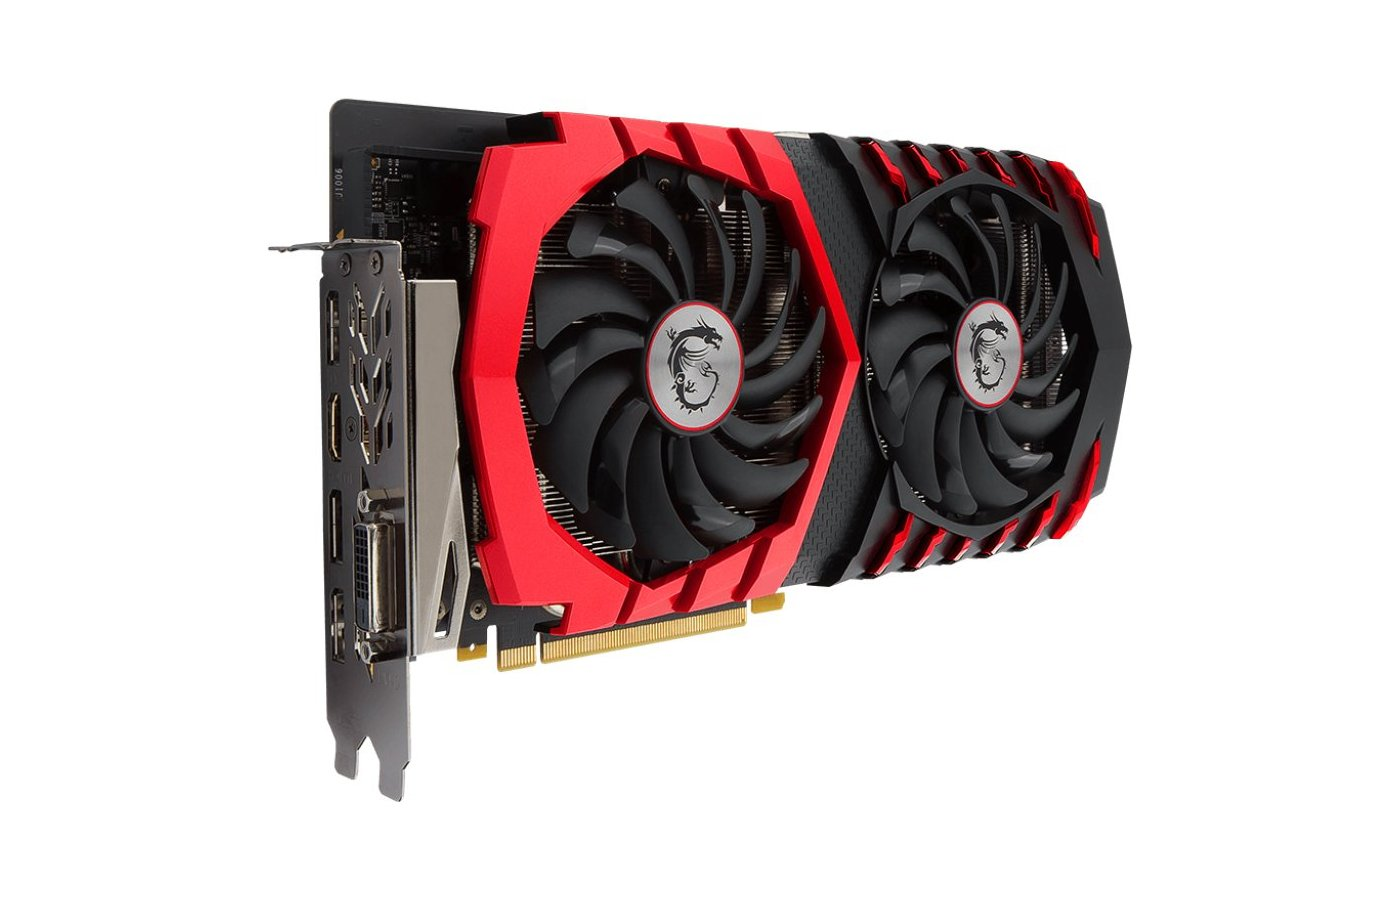 Видеокарта MSI PCI-E GTX 1060 GAMING X 3G nVidia GeForce GTX 1060 3072Mb 192bit Ret